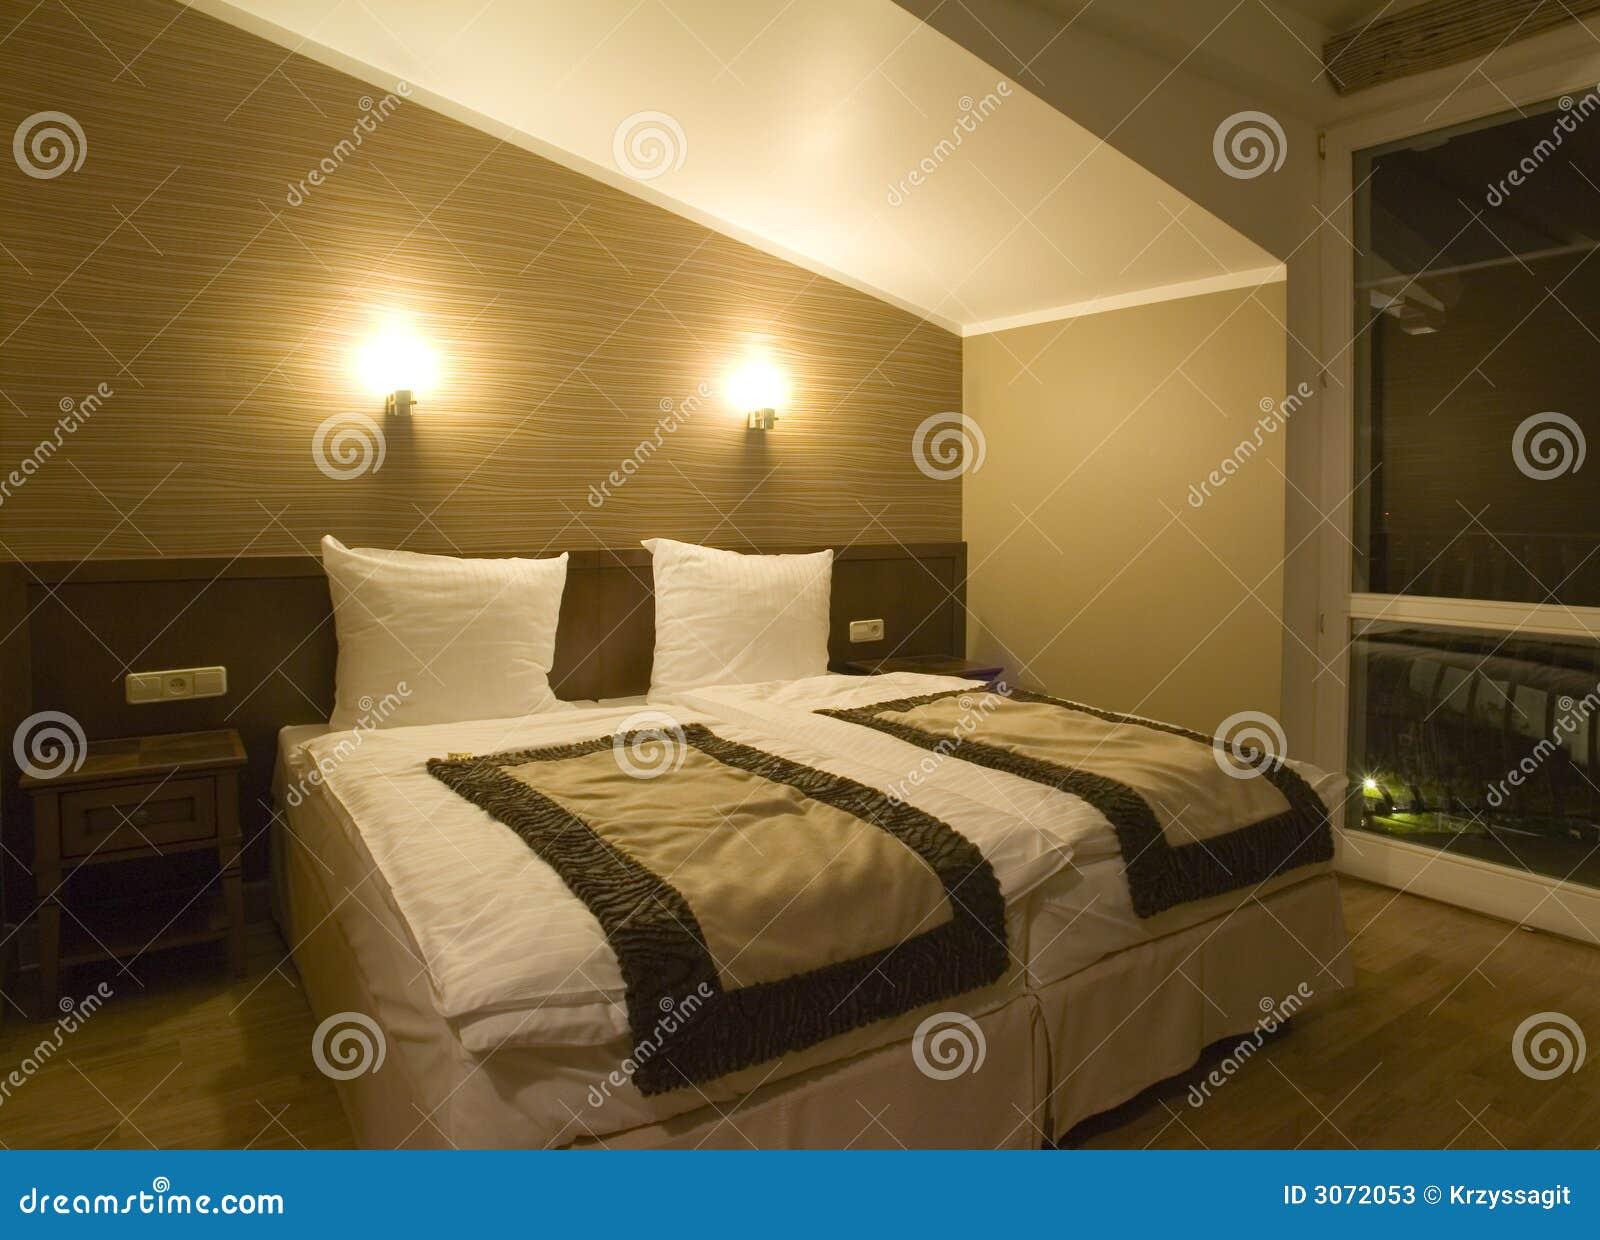 on organise la chambre coucher. merveilleux chambre a coucher en ...